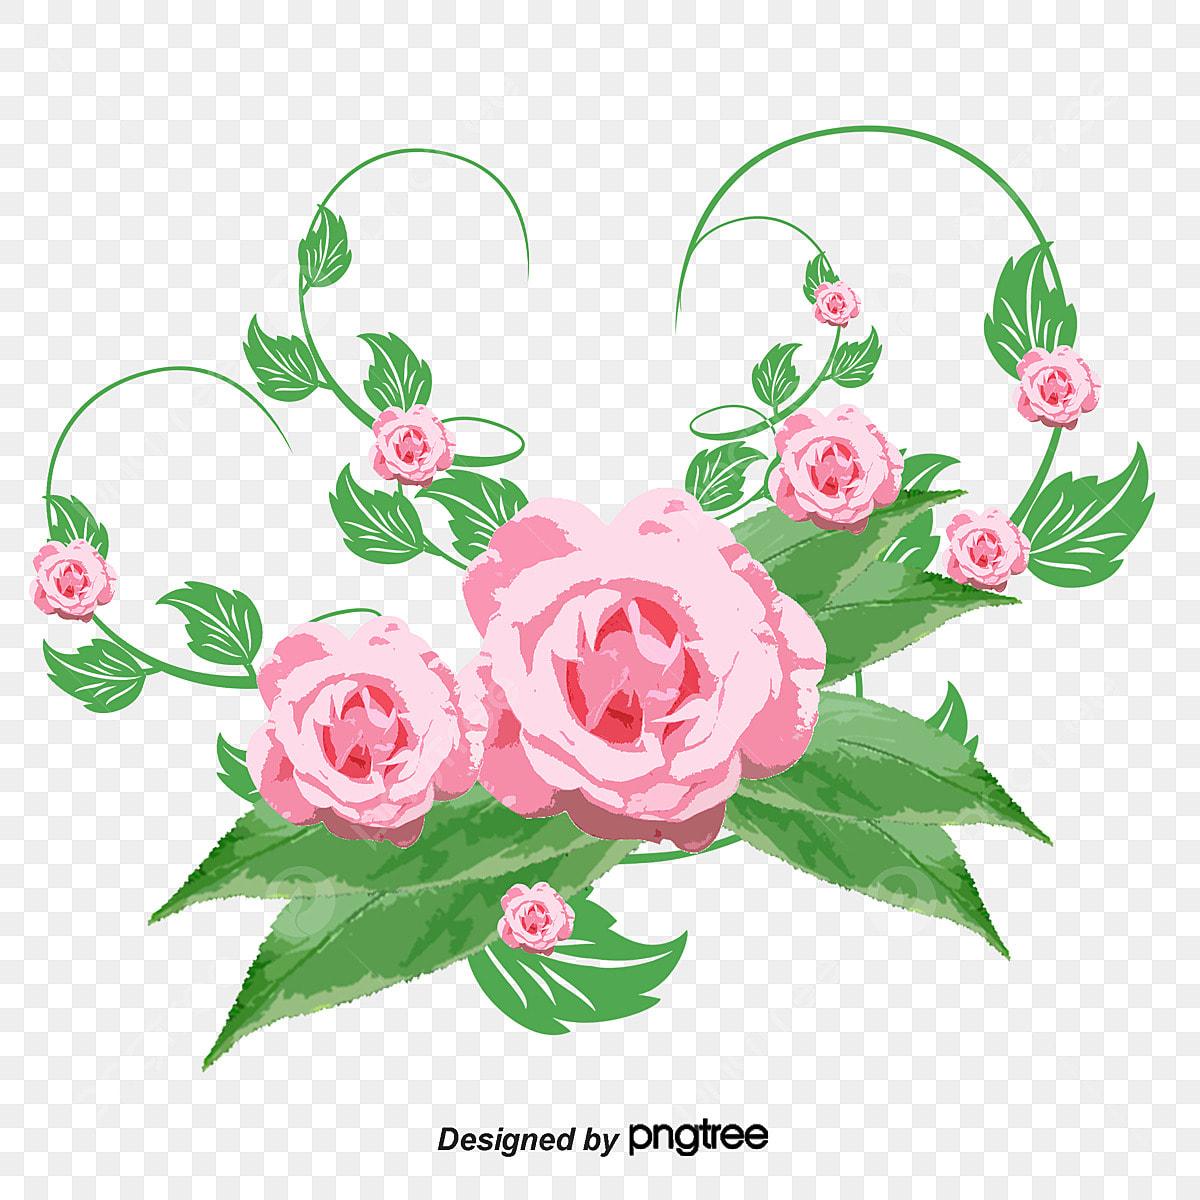 花のイラストバラ高清図png素材 バラ イラスト ベクトル図画像とpsd素材